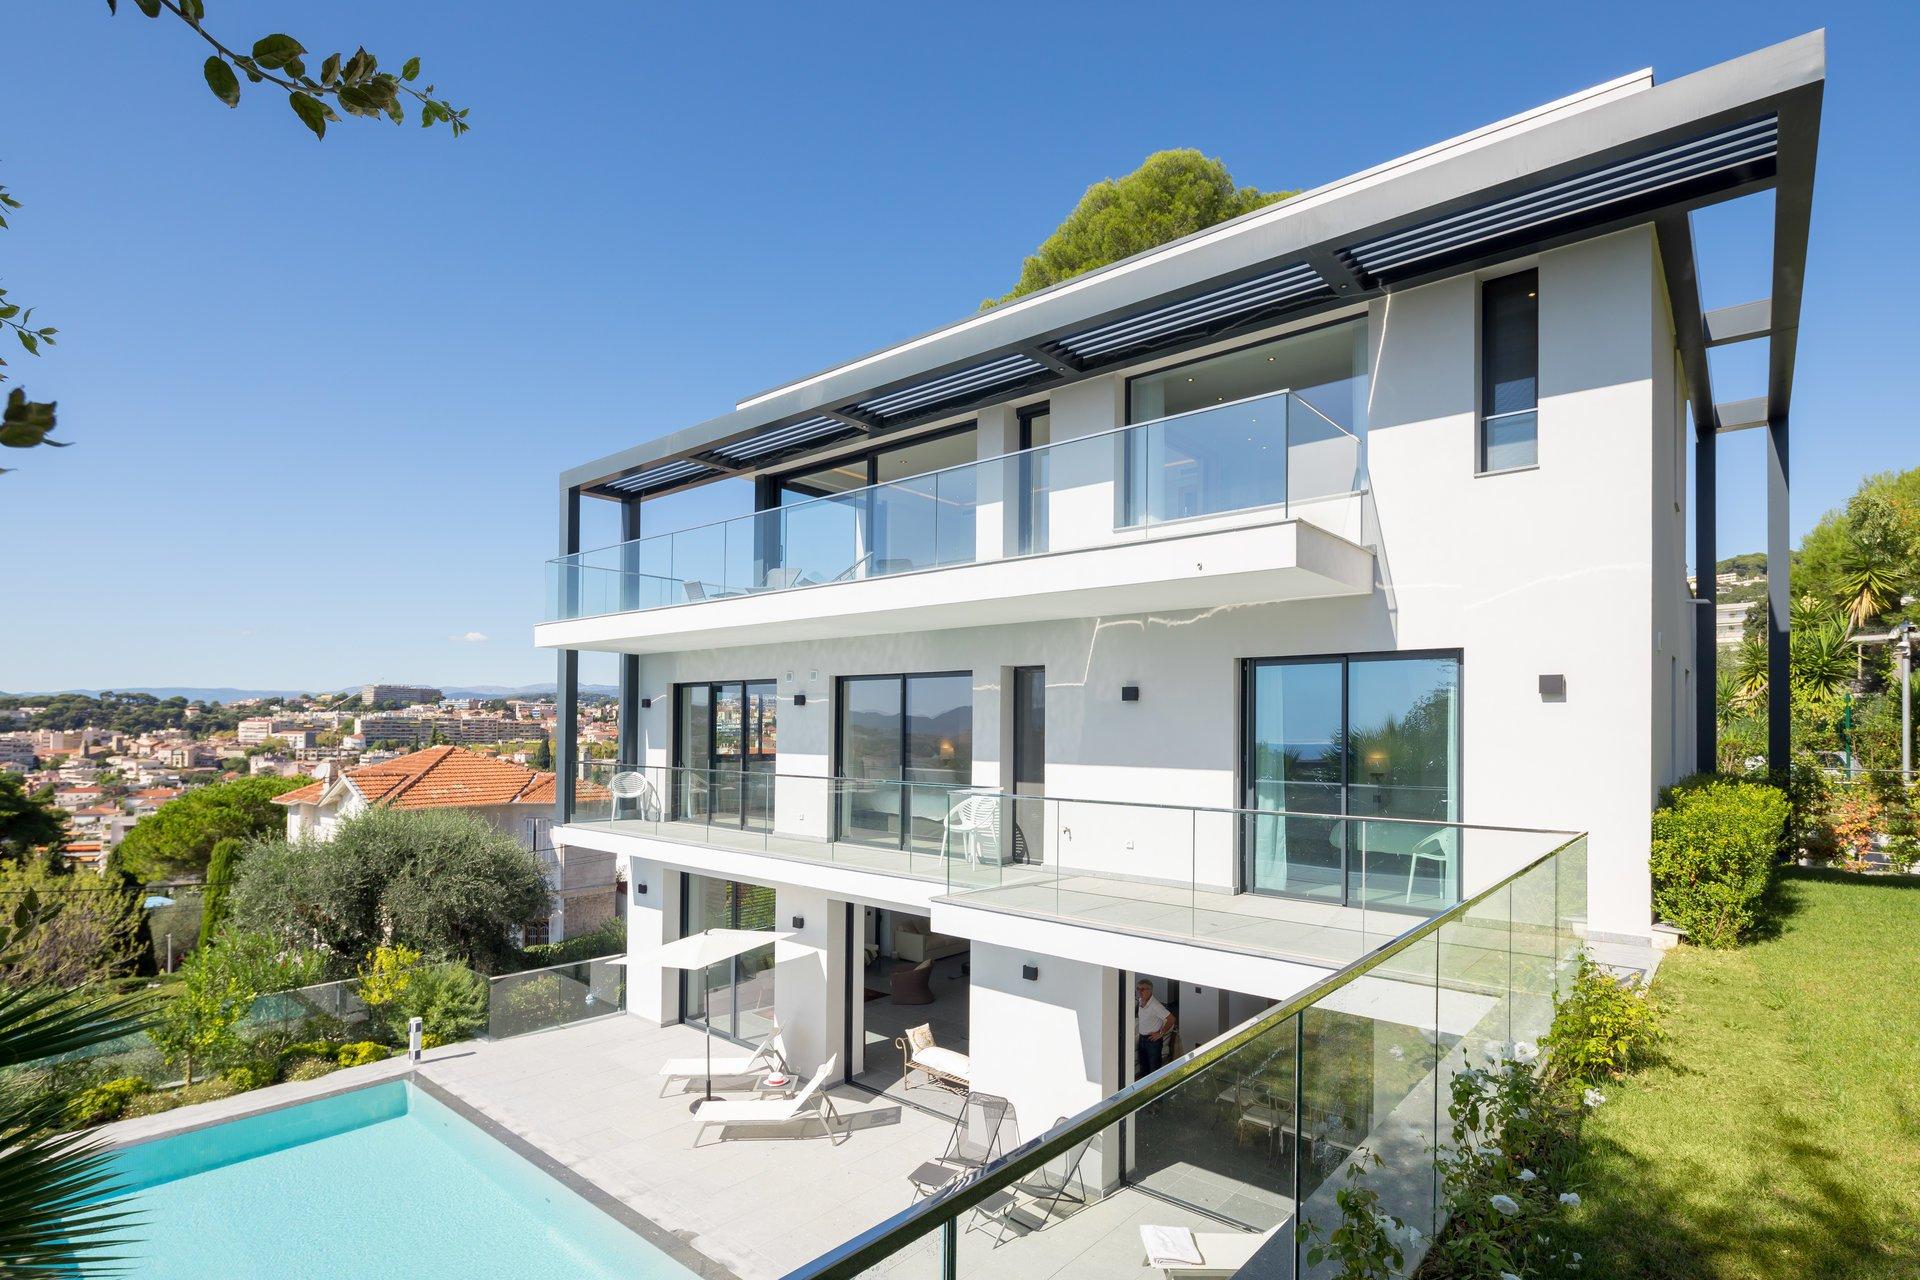 House in Le Cannet, Provence-Alpes-Côte d'Azur, France 1